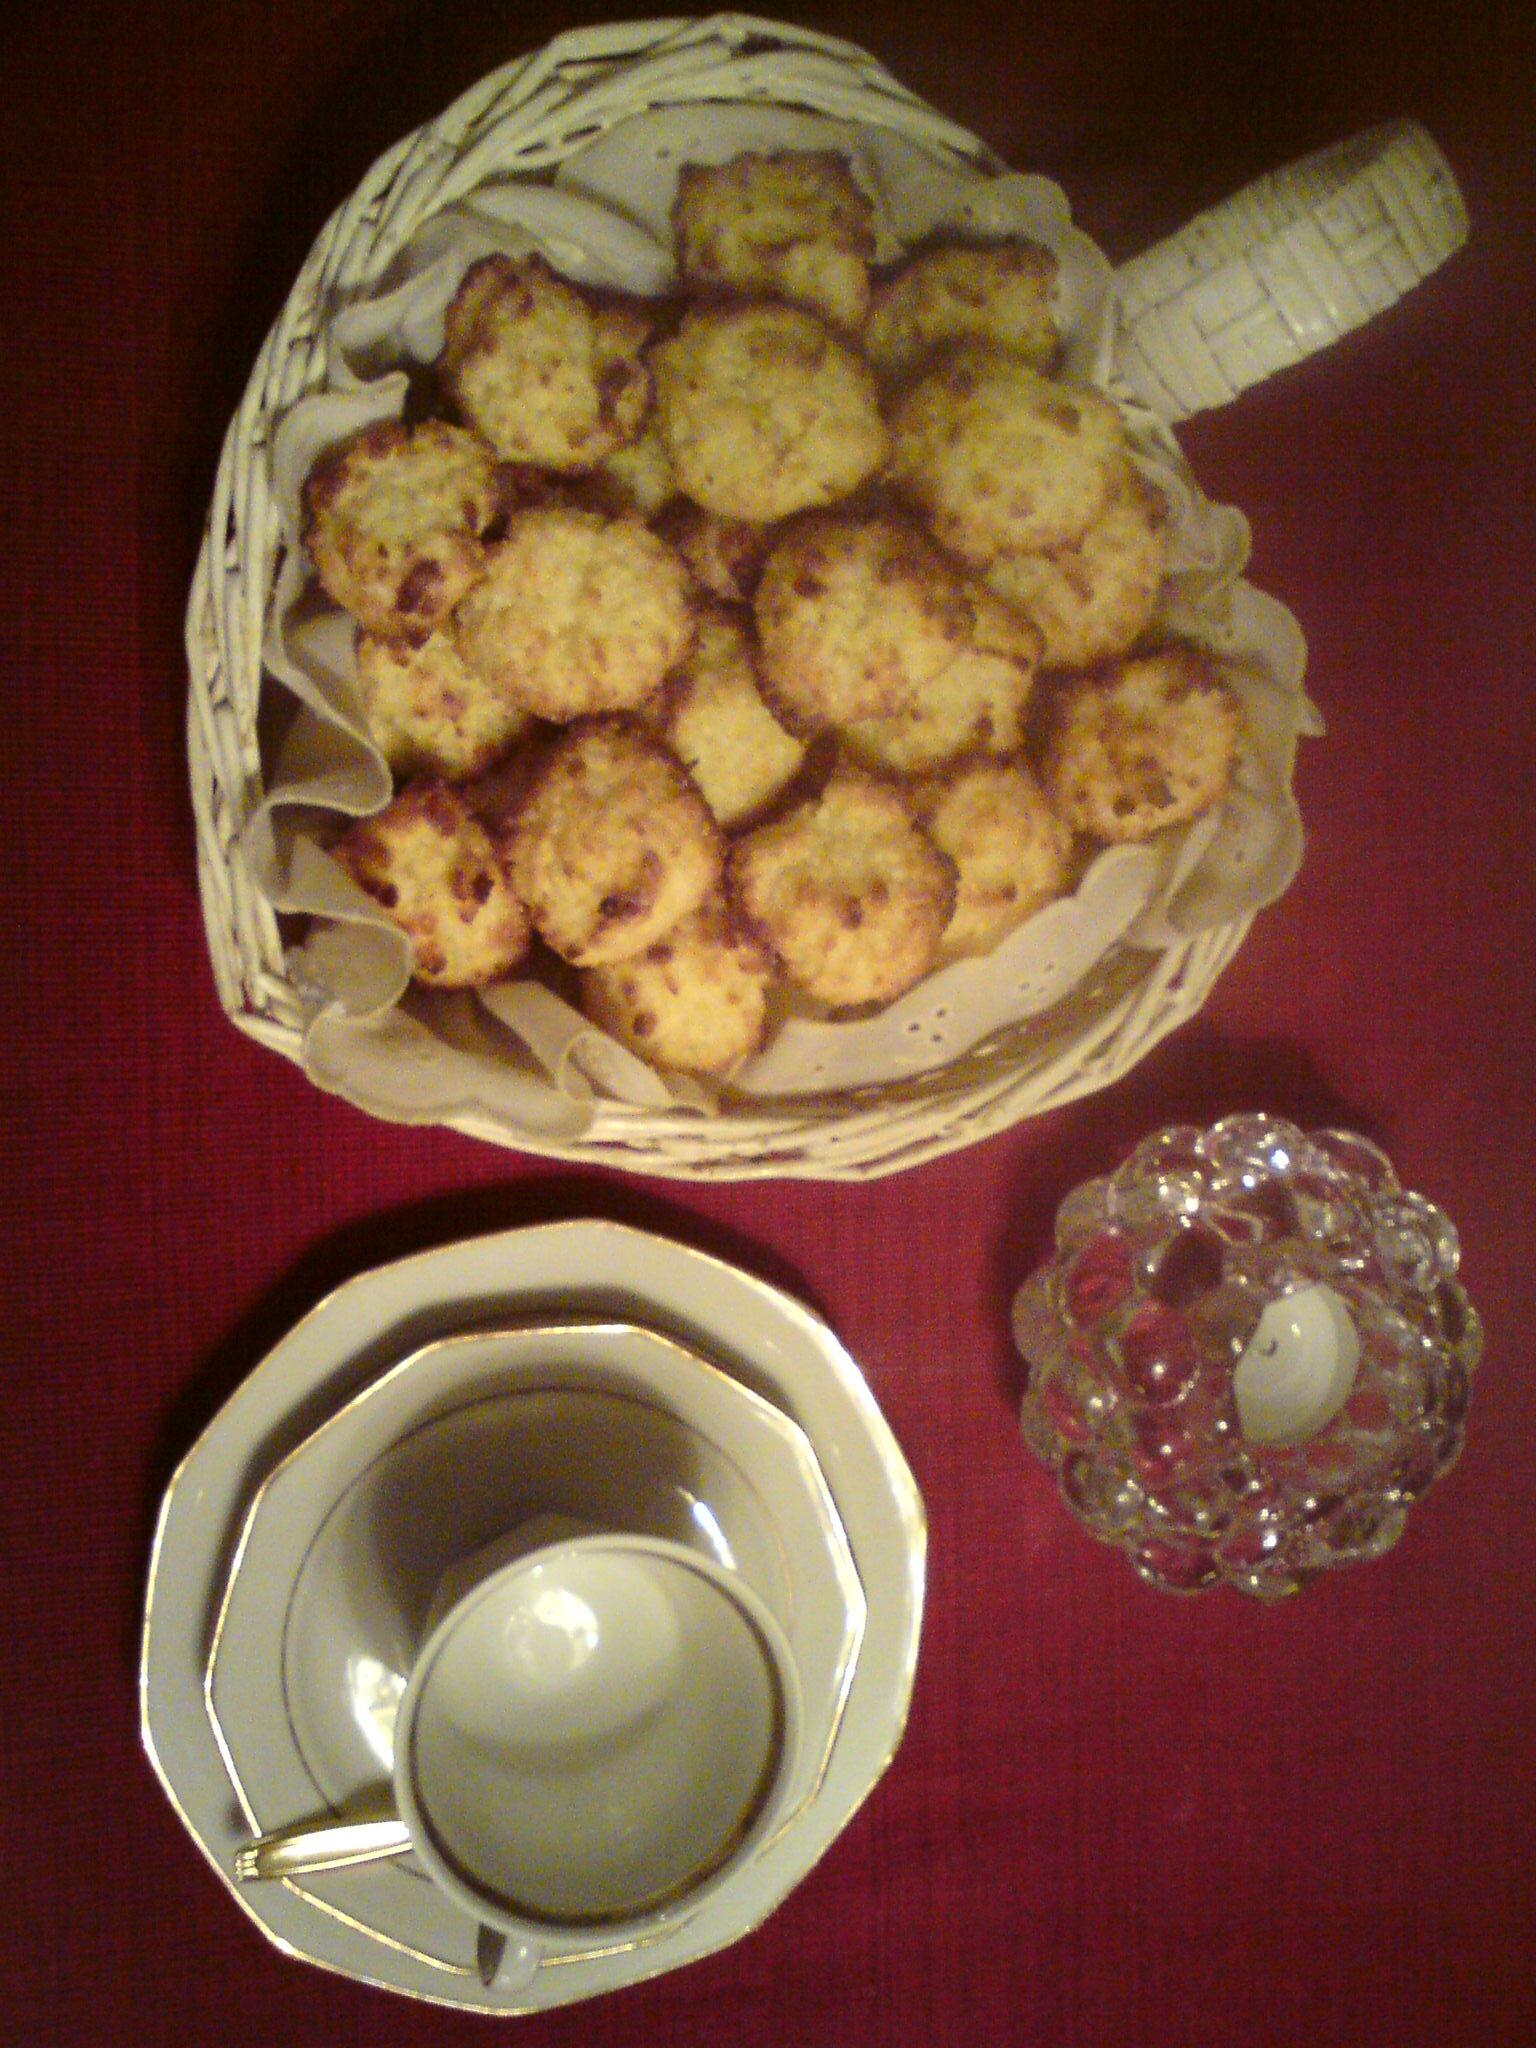 kokoskakor med vaniljkräm